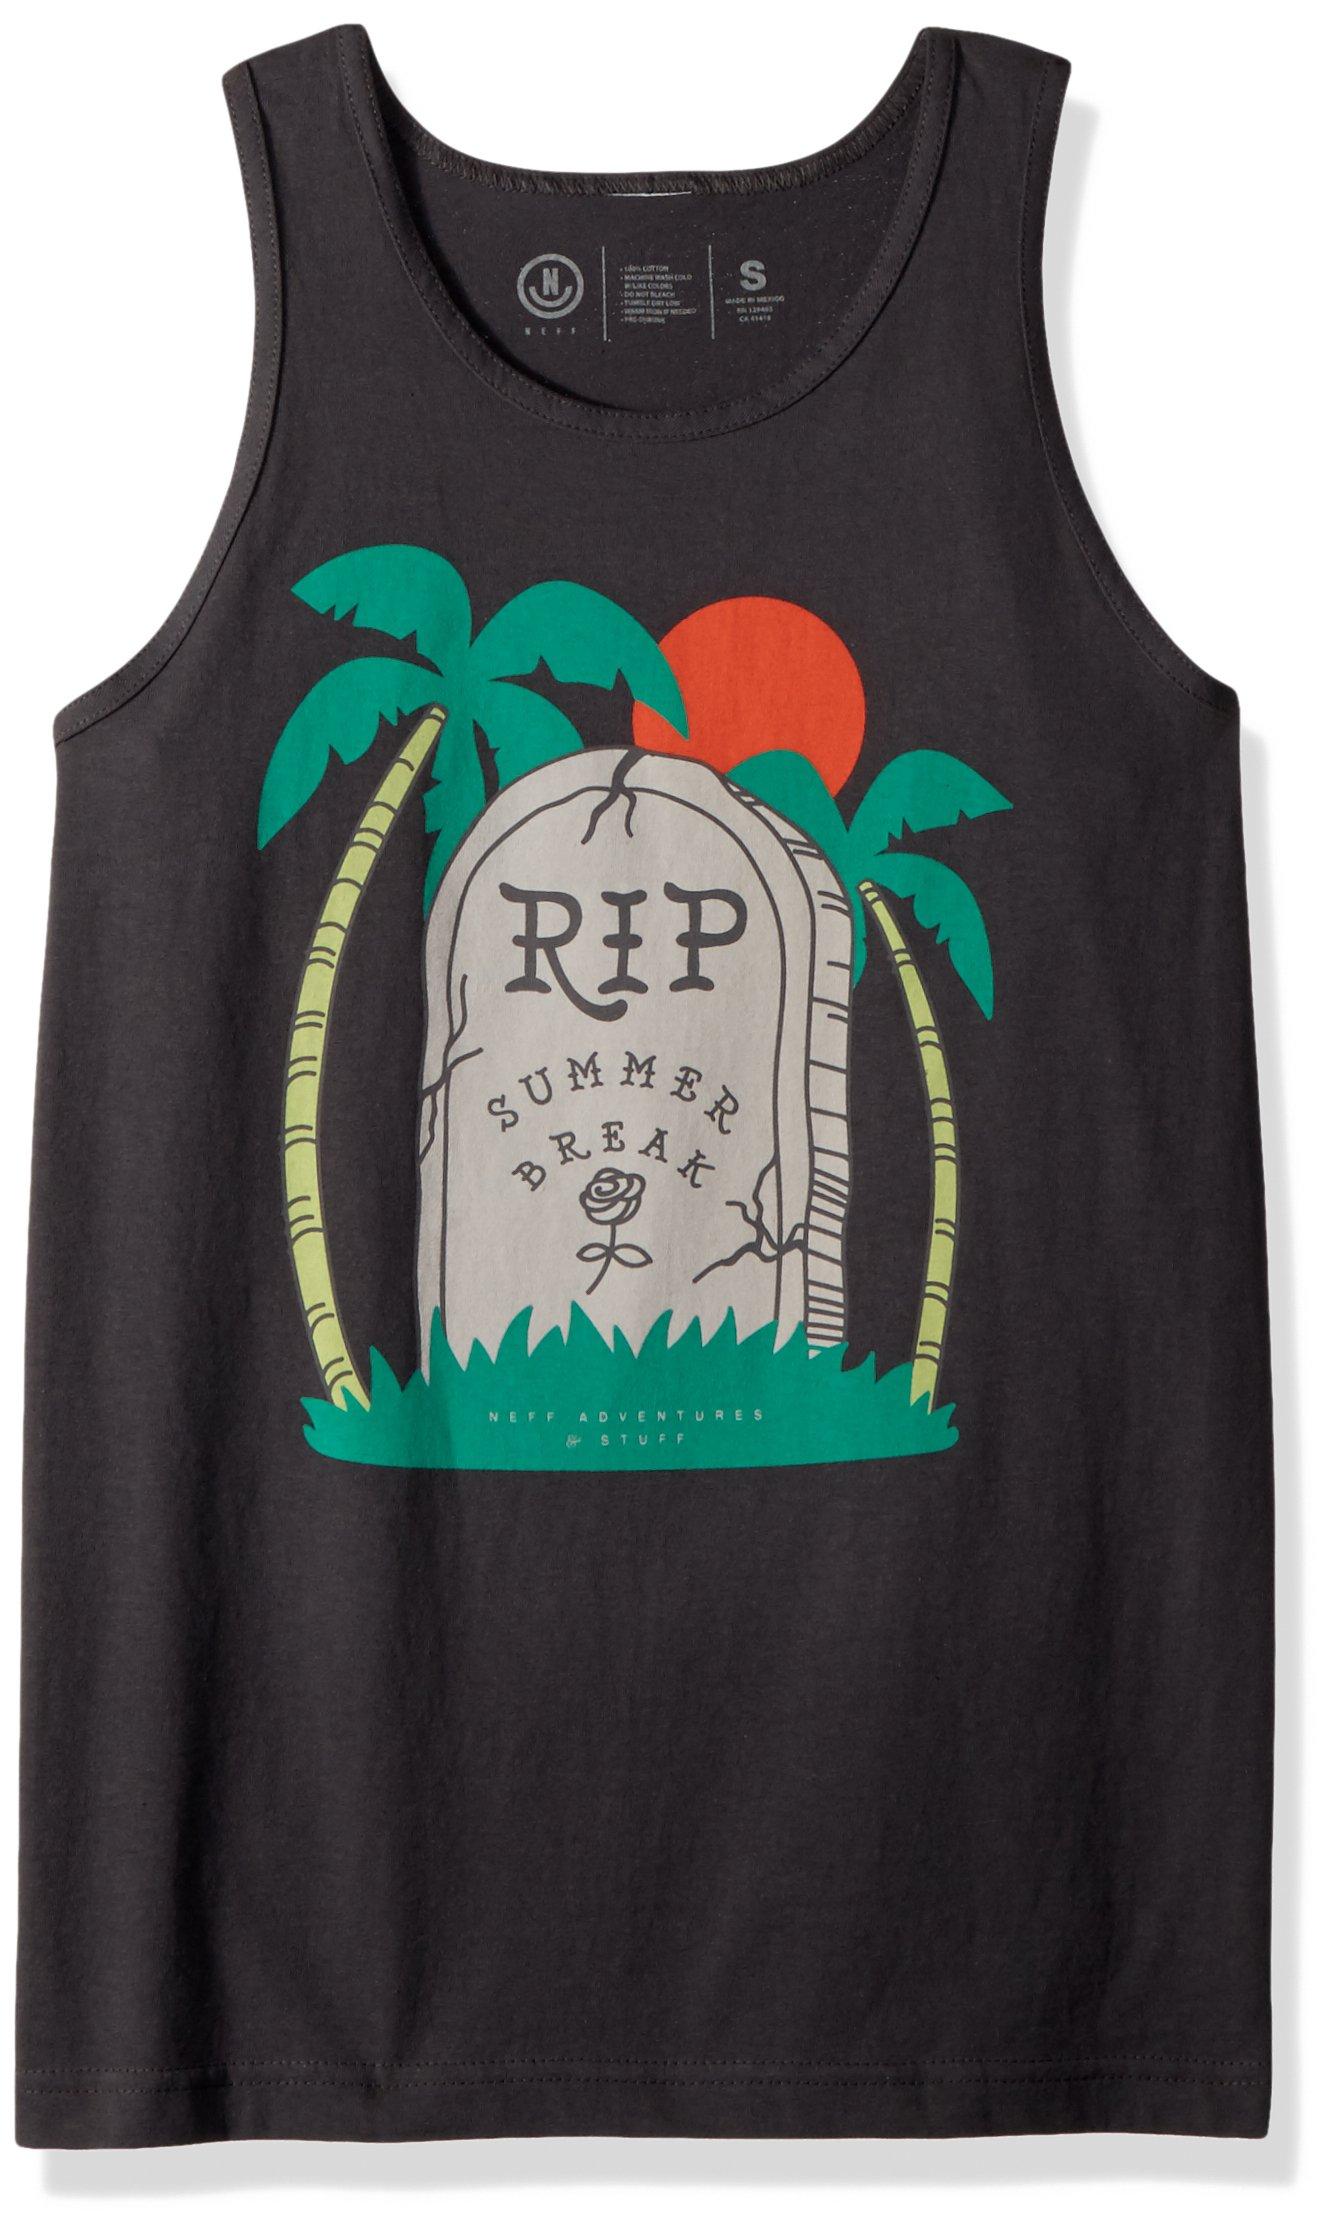 NEFF Men's Boogie Tank Top-Summer Shirts Women, Charcoal, M